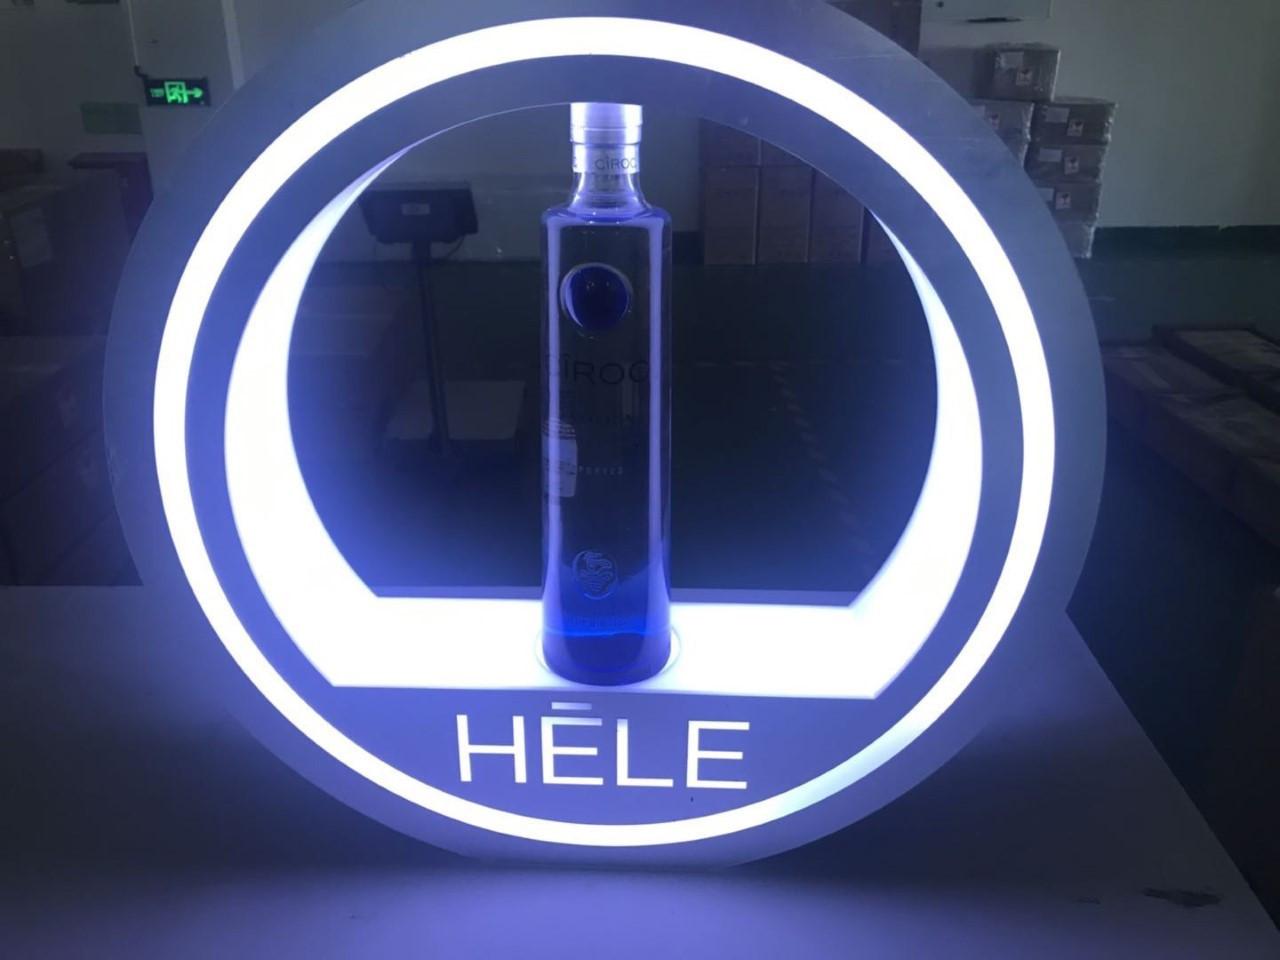 Bottle Presenter for Bottle Service